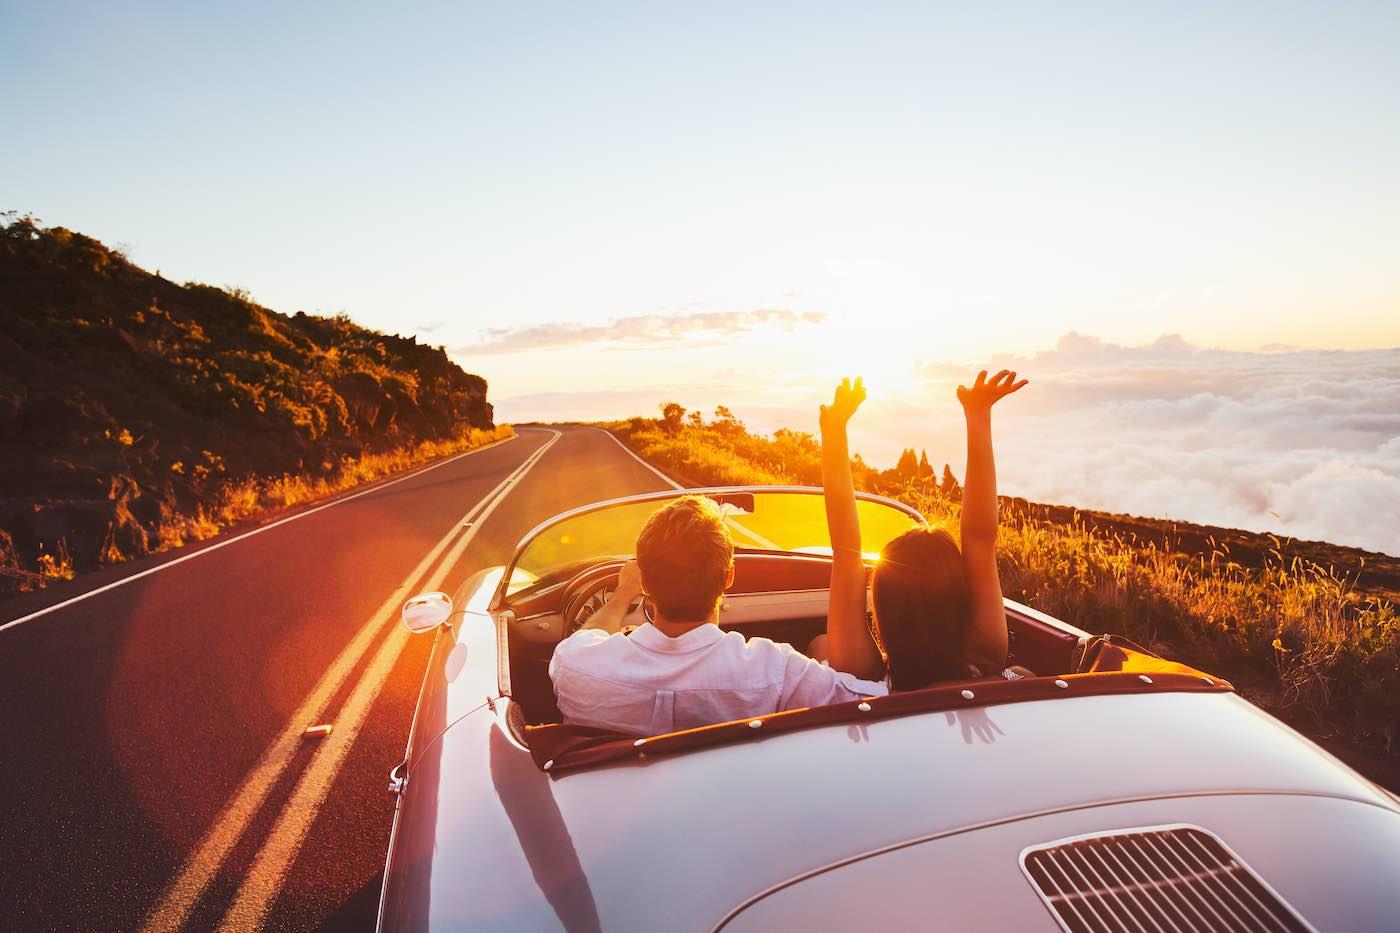 Las 5 cosas que debes saber antes de viajar en automóvil